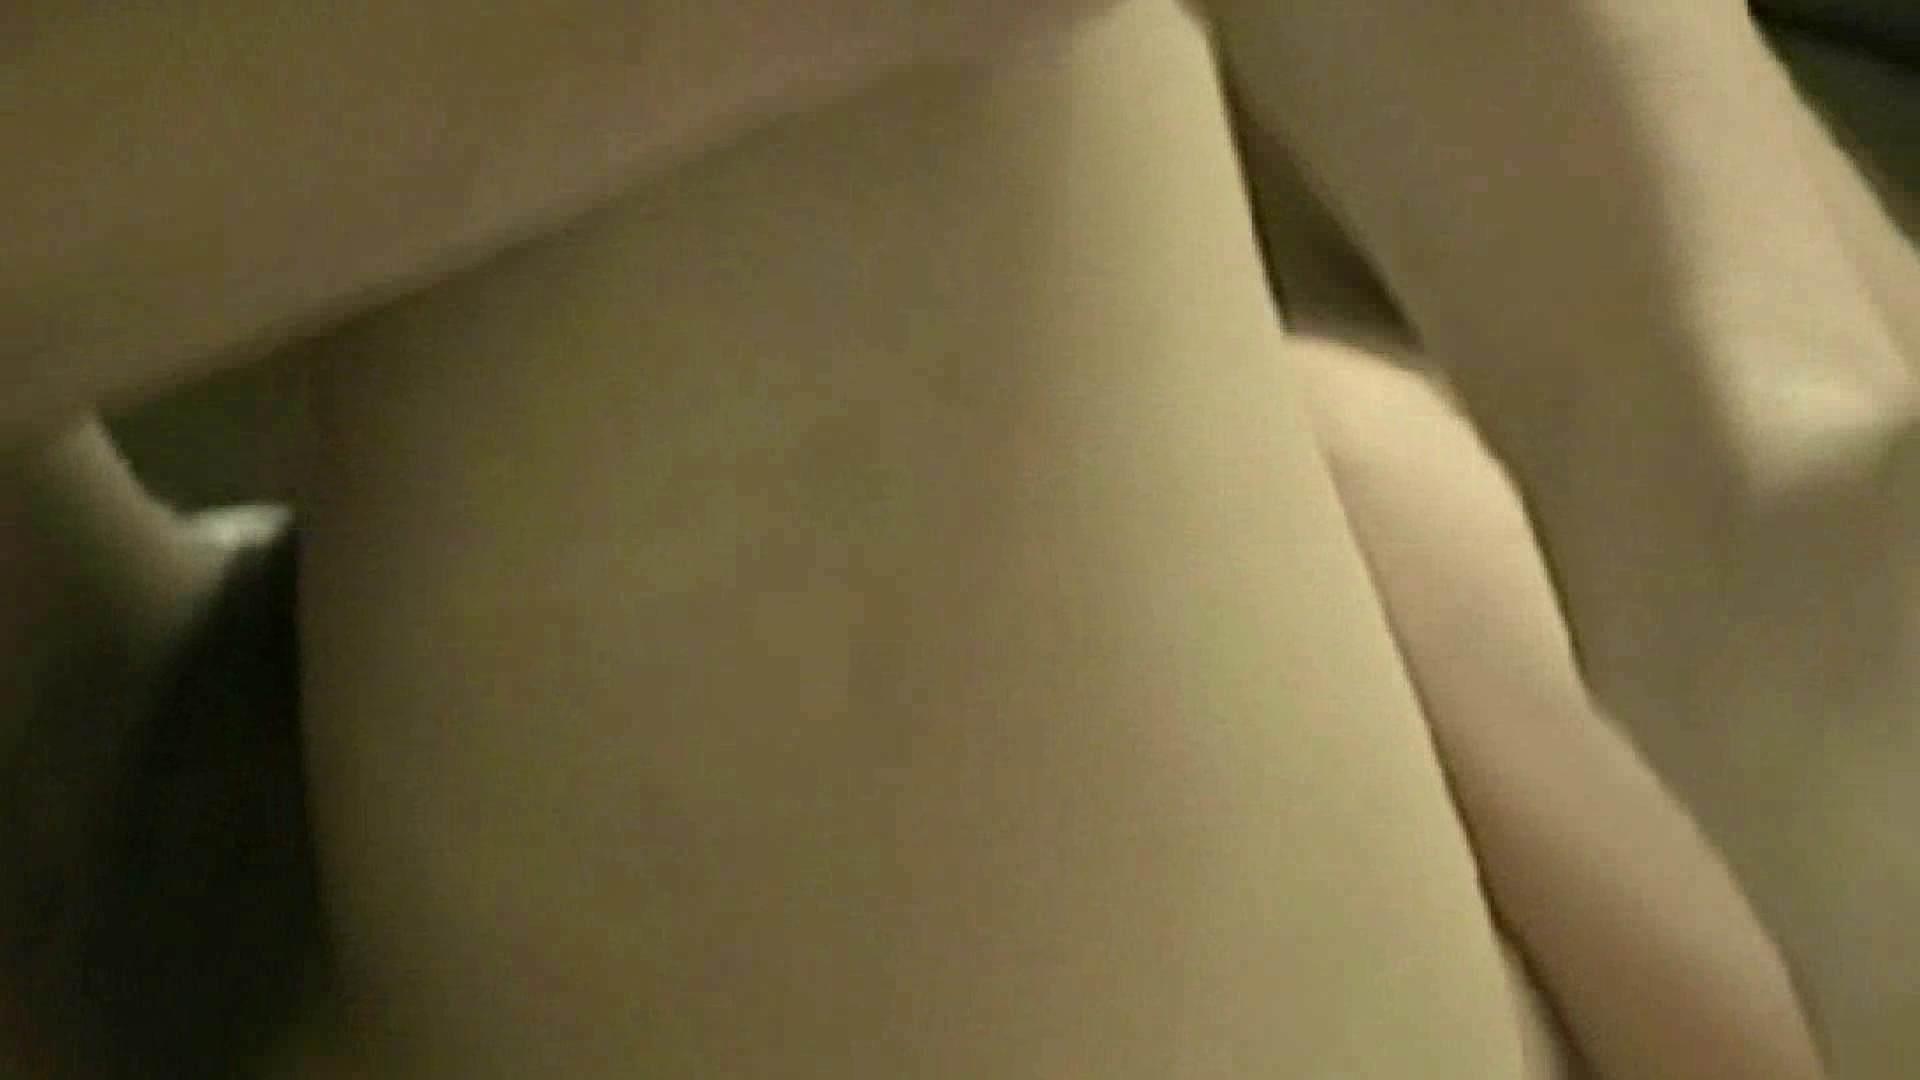 最愛の妻 TAKAKO 愛のSEX Vol.01 SEX映像  106pic 50